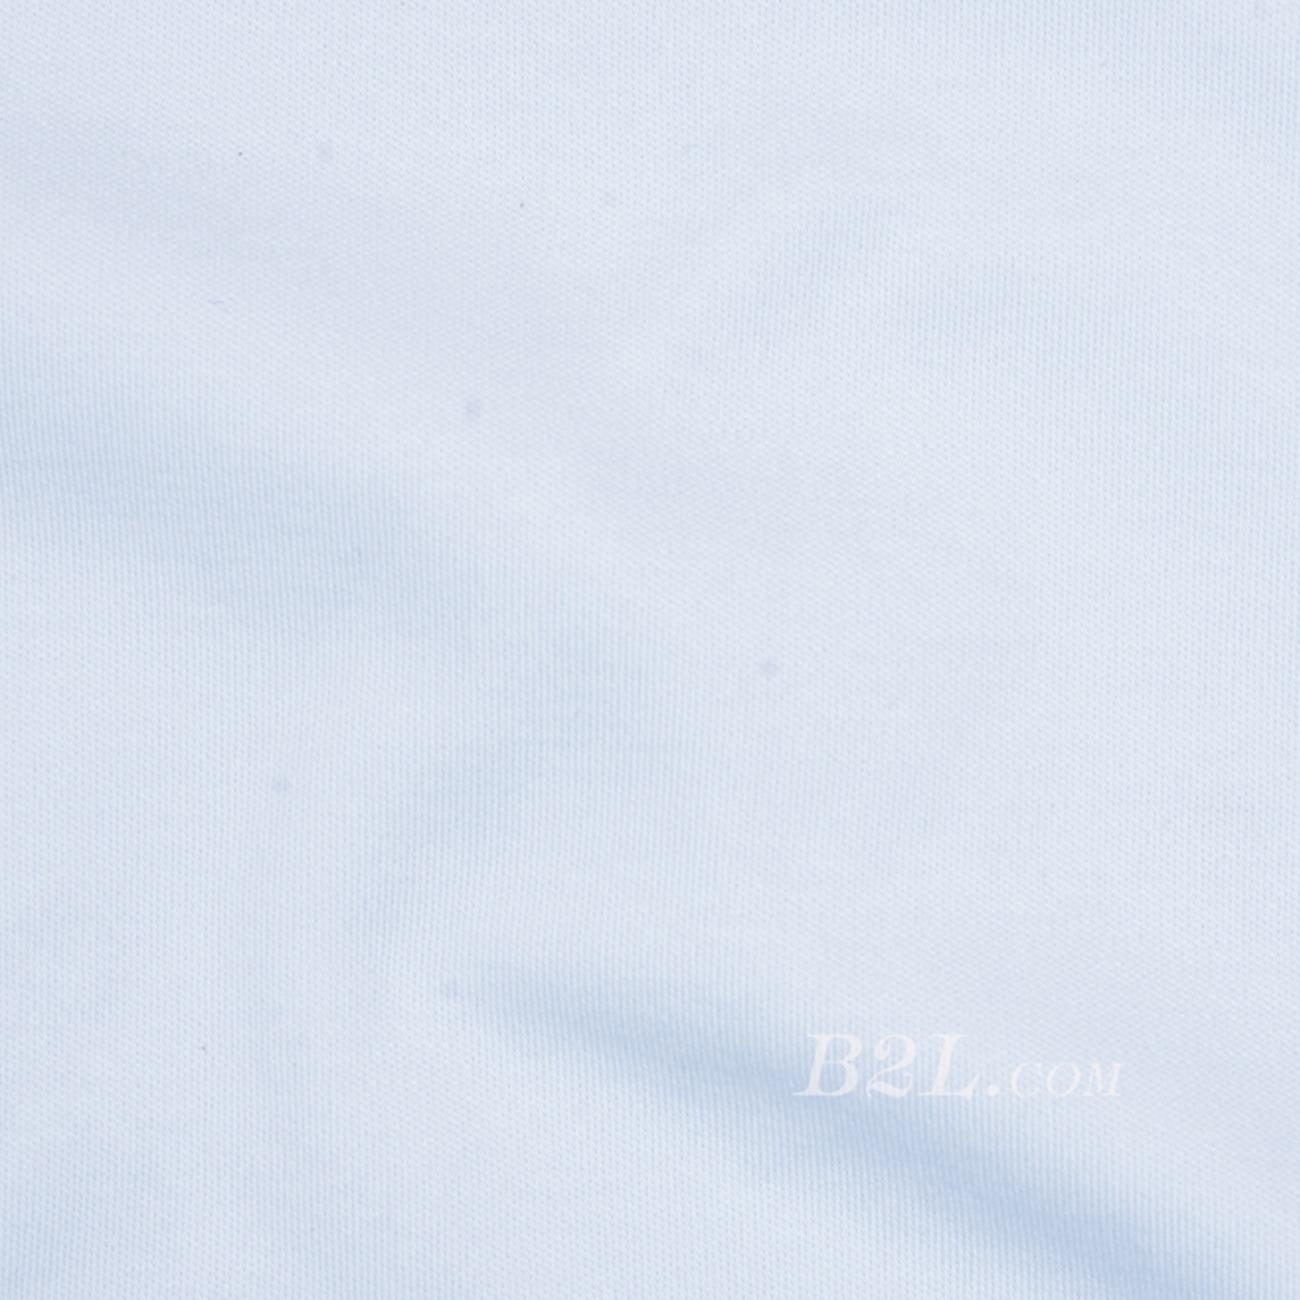 素色 梭织 染色 低弹 春秋 连衣裙 时装 90304-31